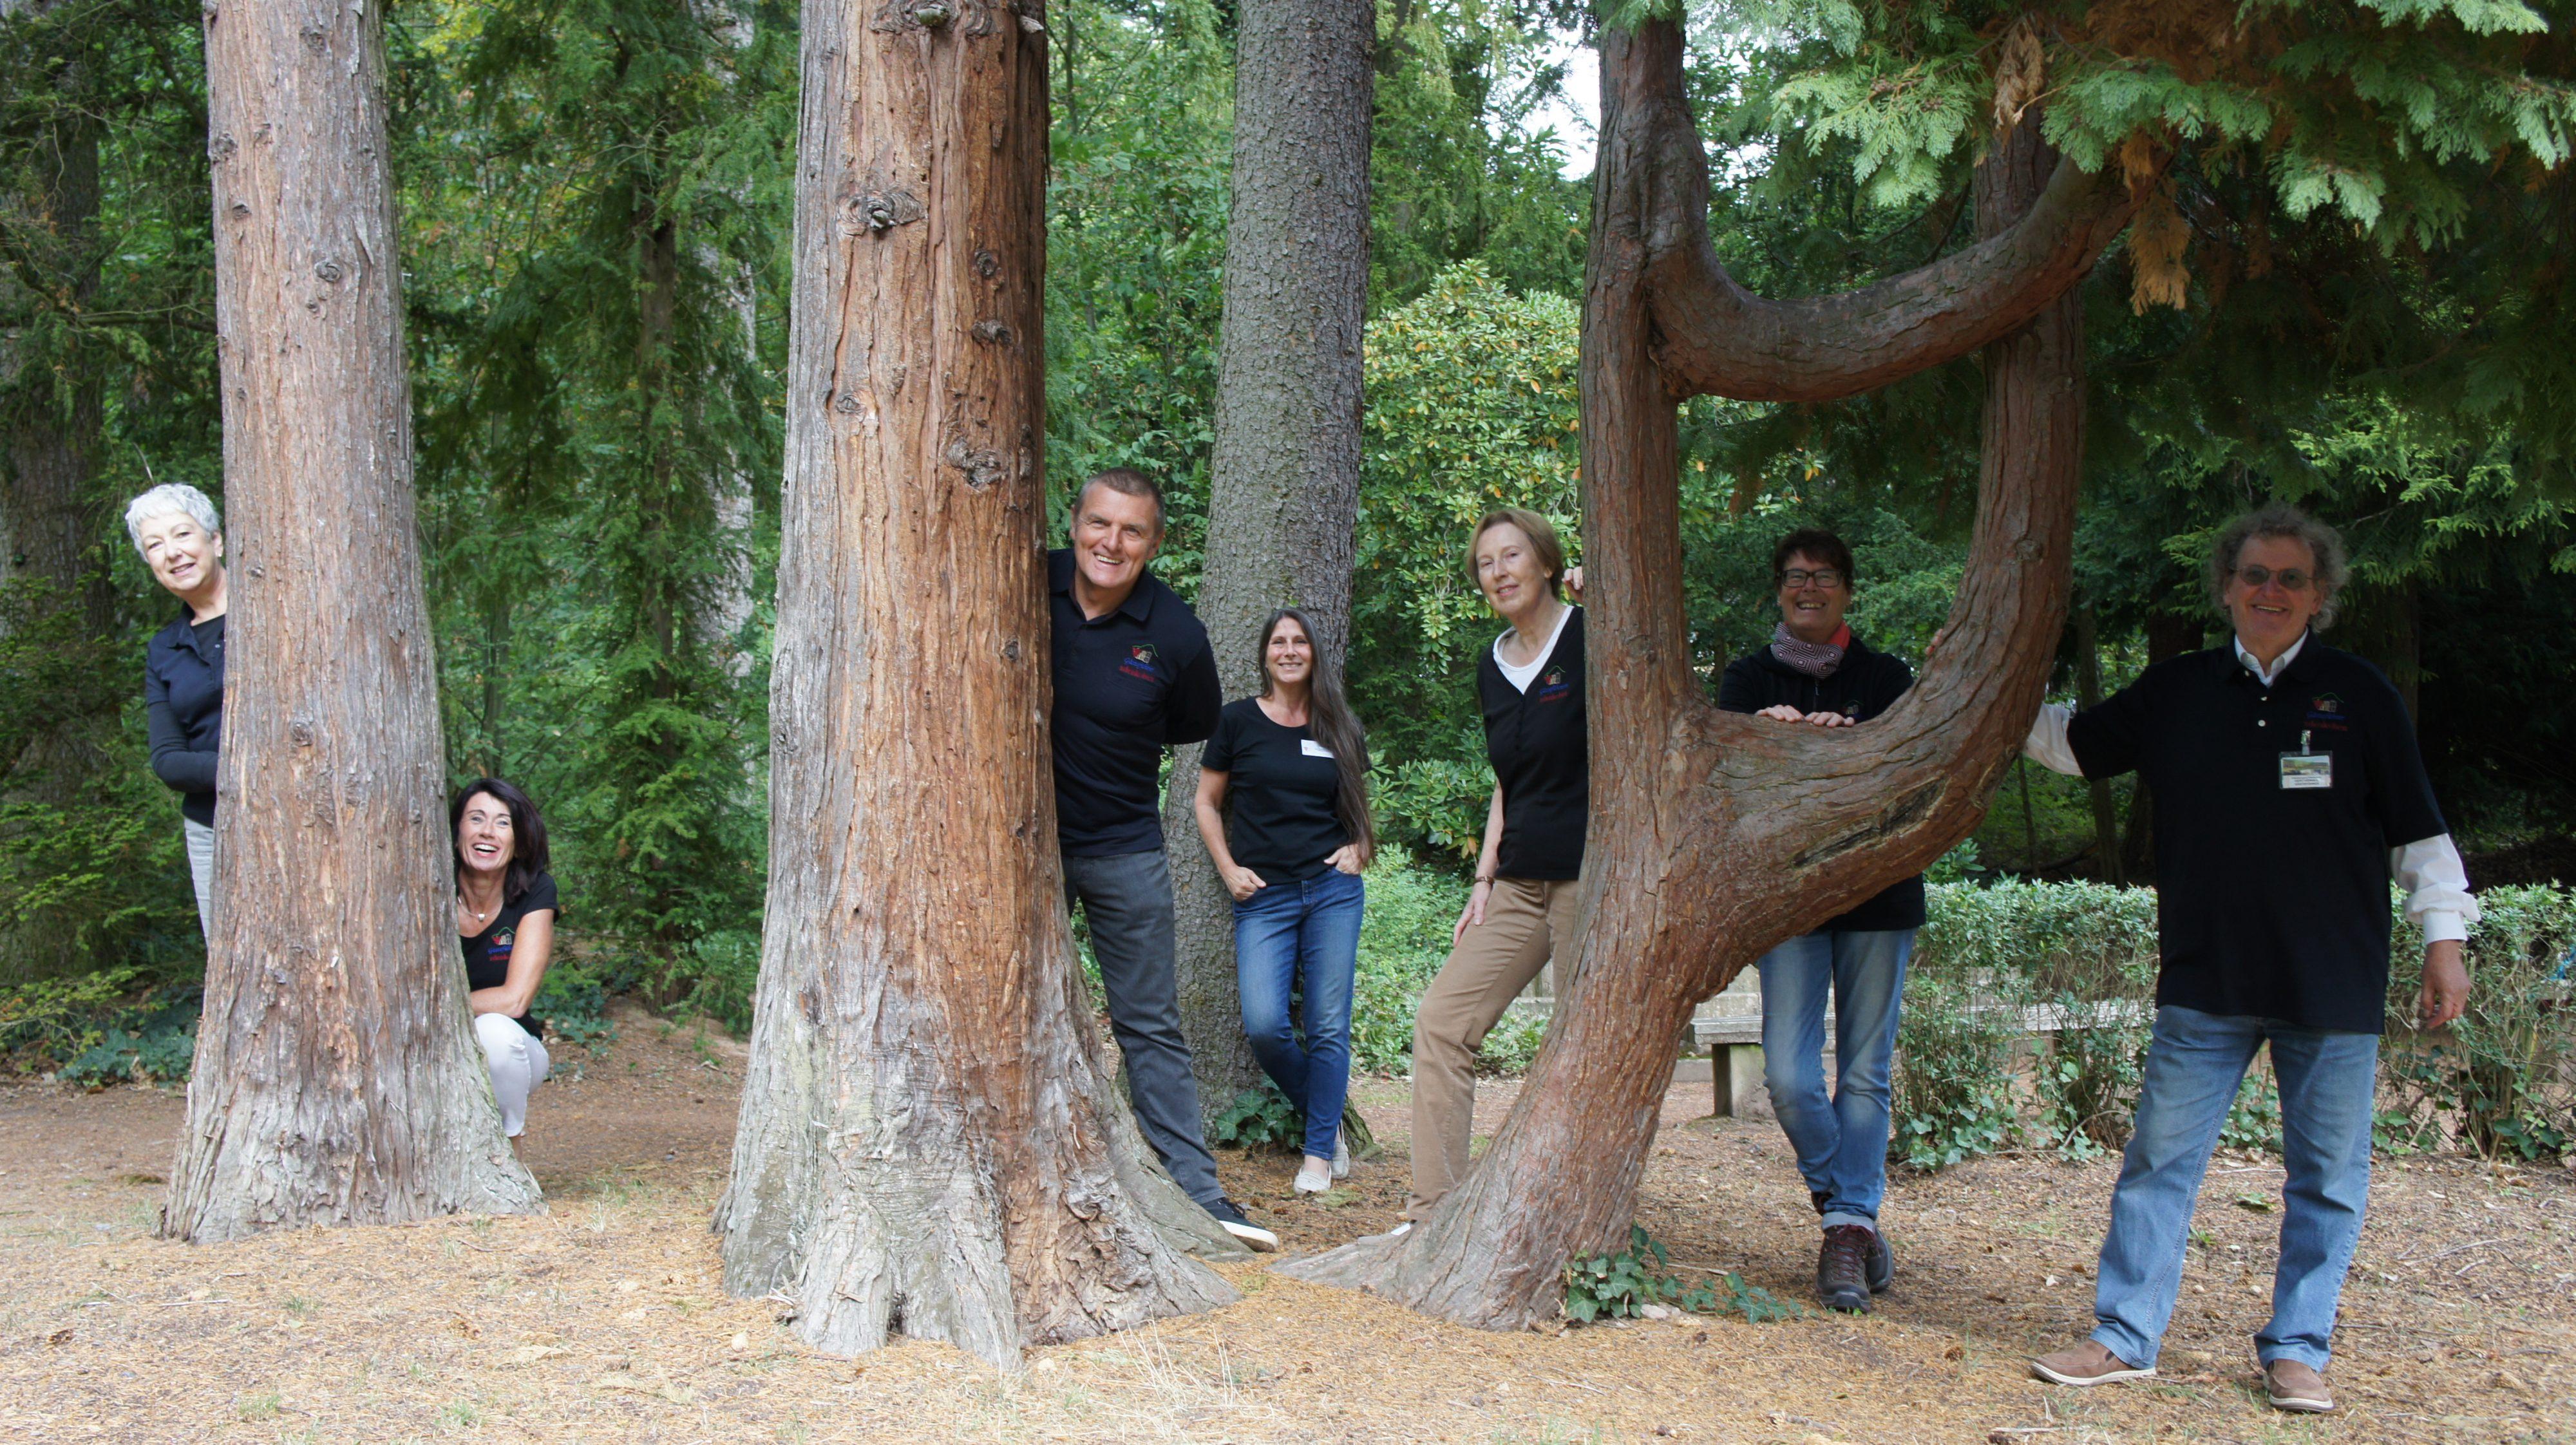 Nicht alle Bäume lassen sich gerne umarmen.